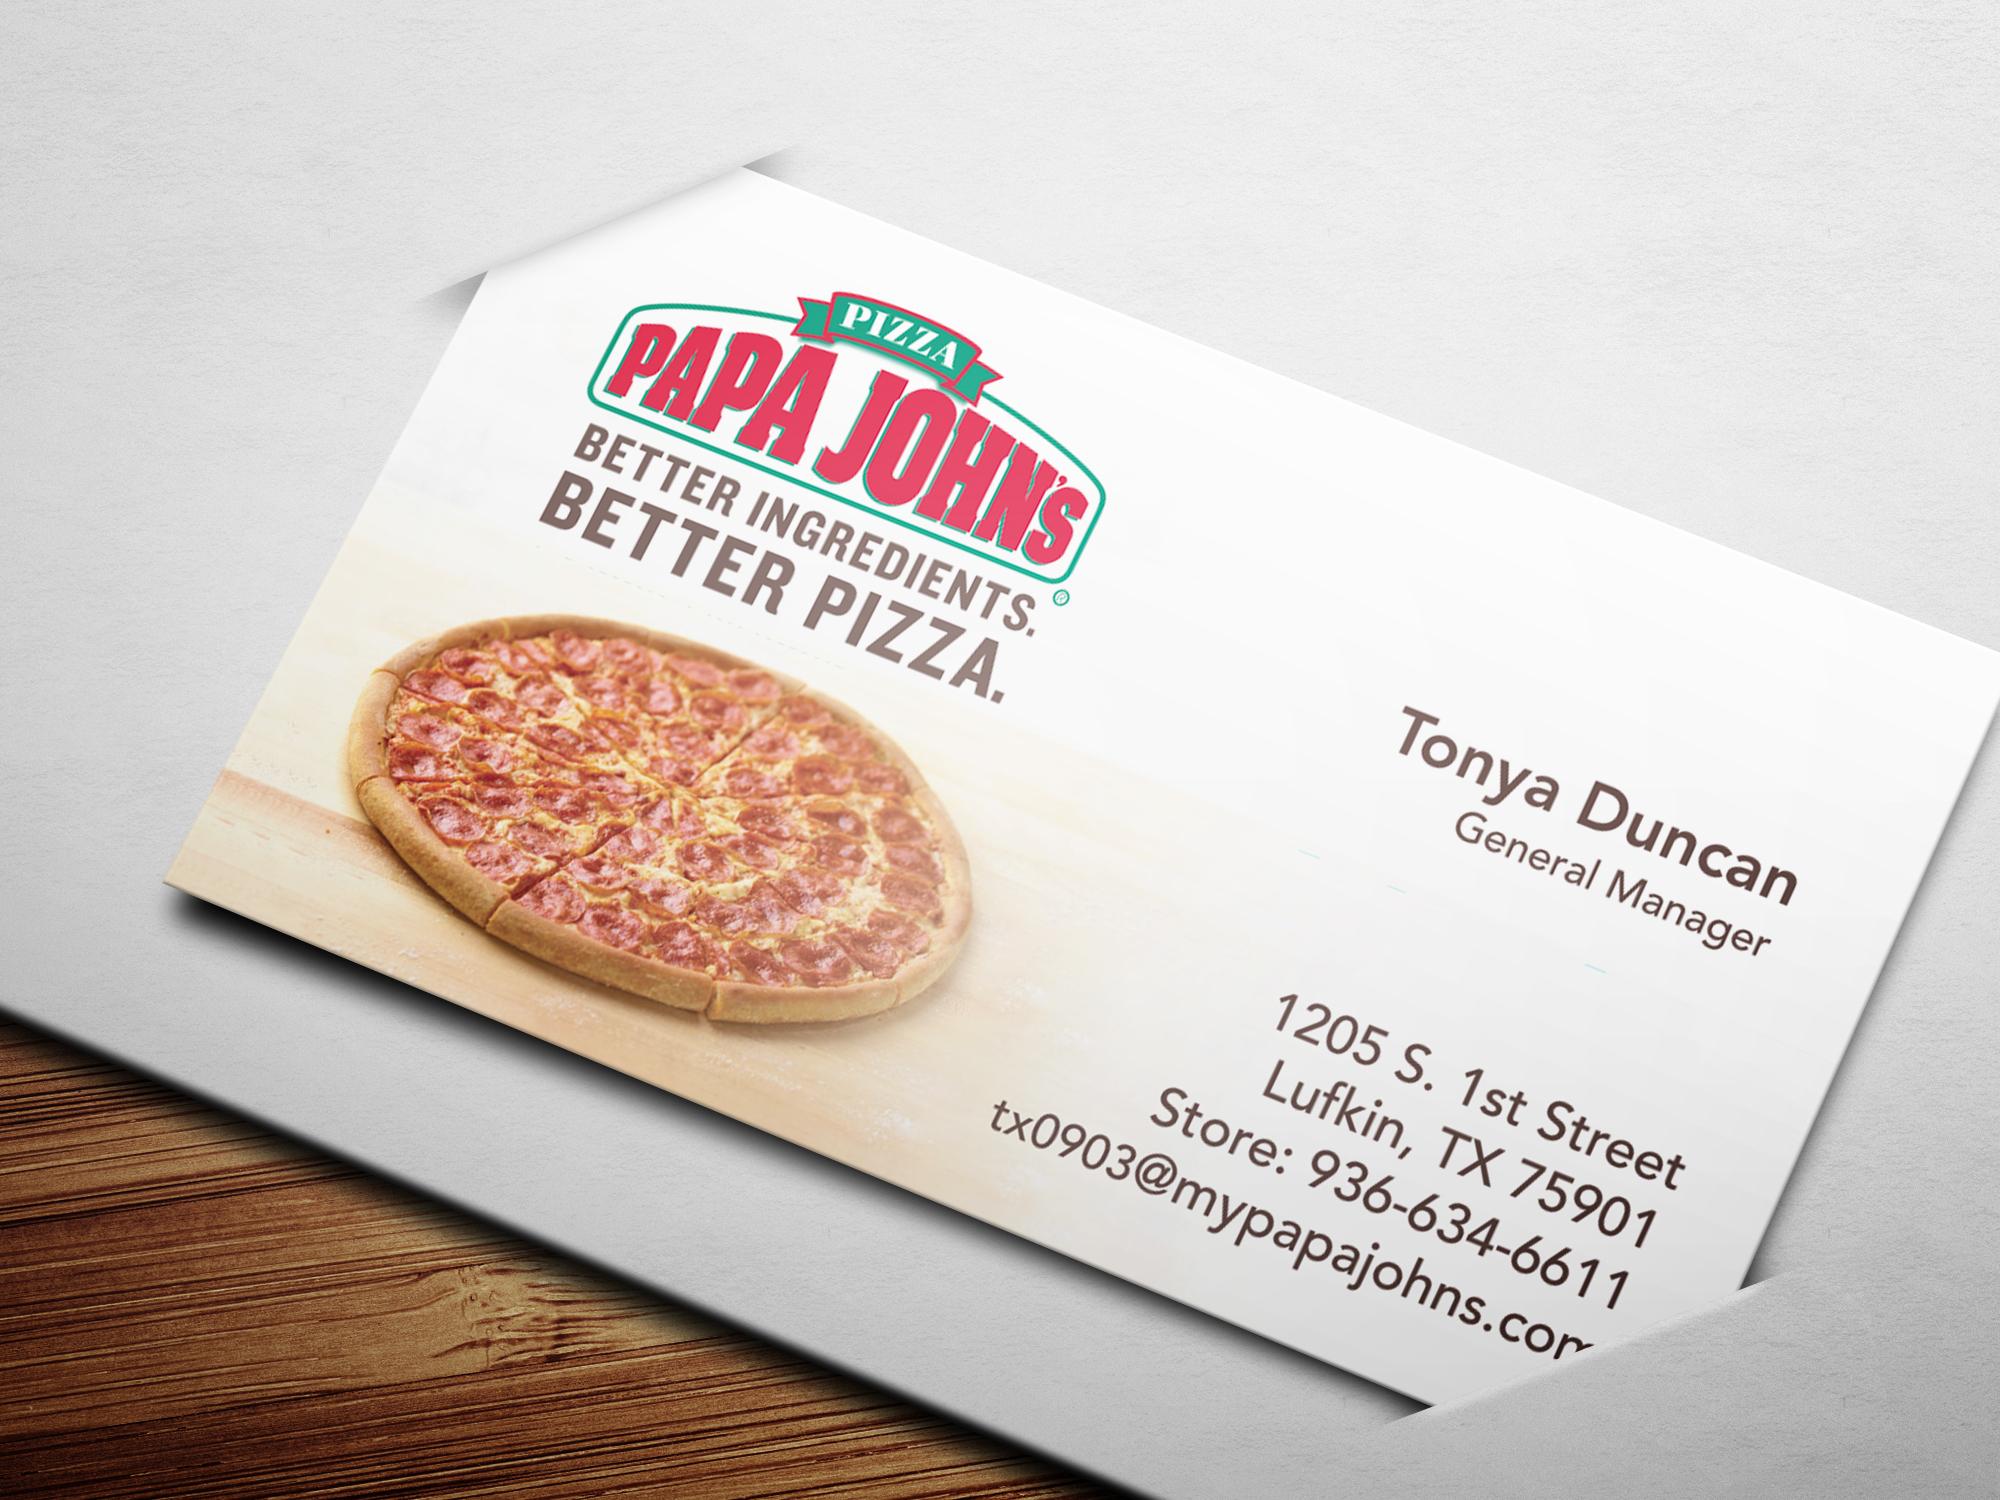 David Tandy - Papa John\'s - Business Card Design